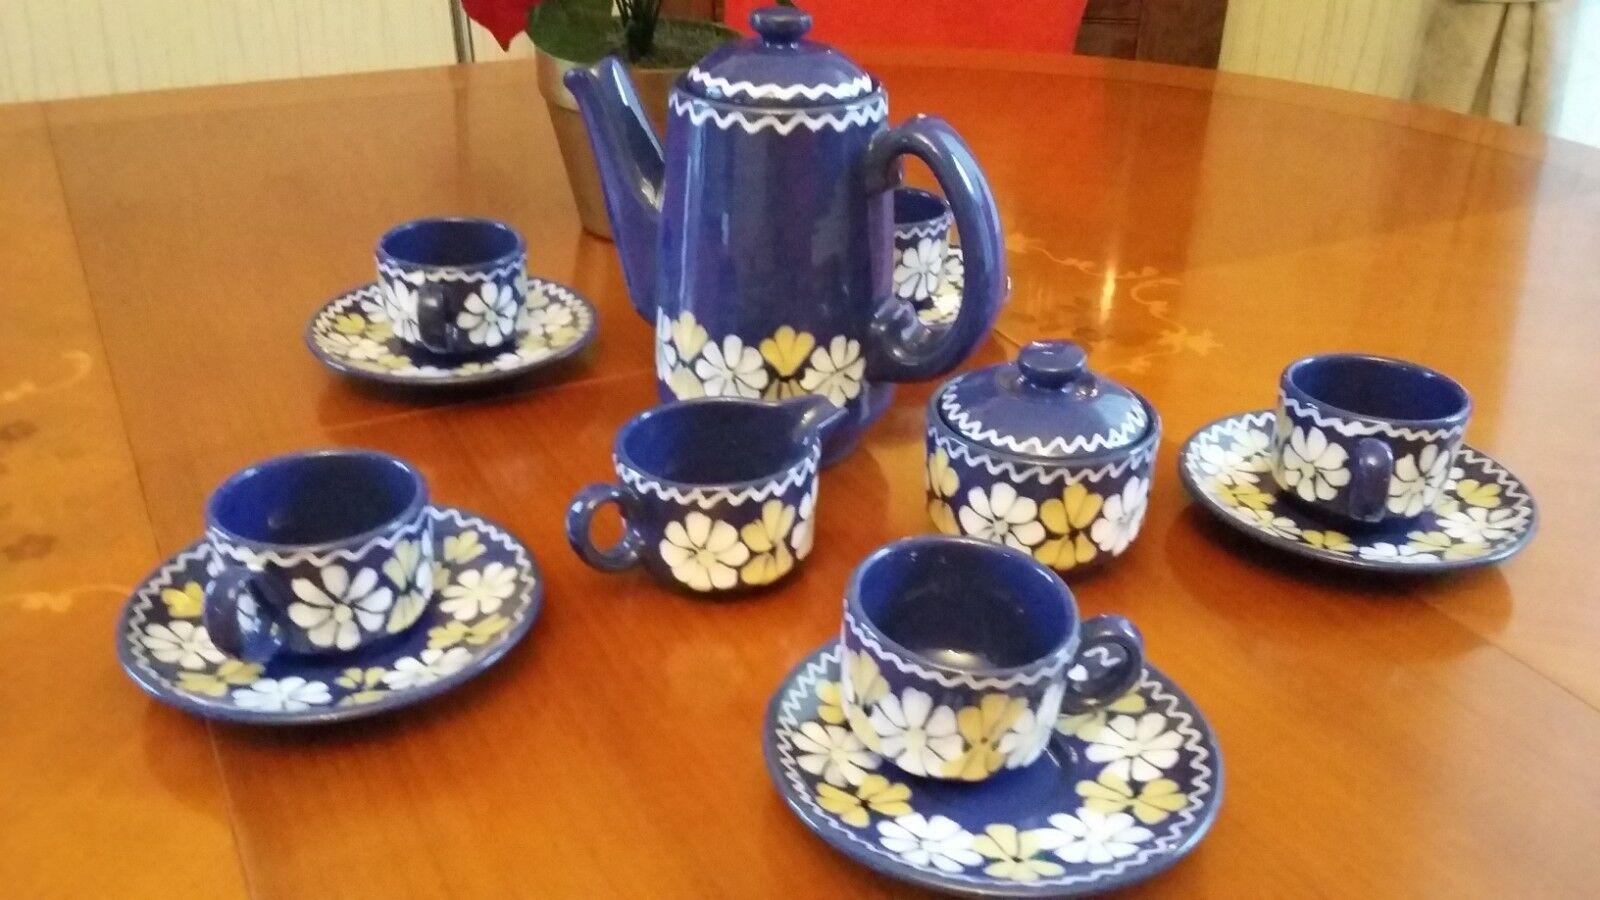 Ungarn Keramik Kaffeeservice aus 13 tlg.